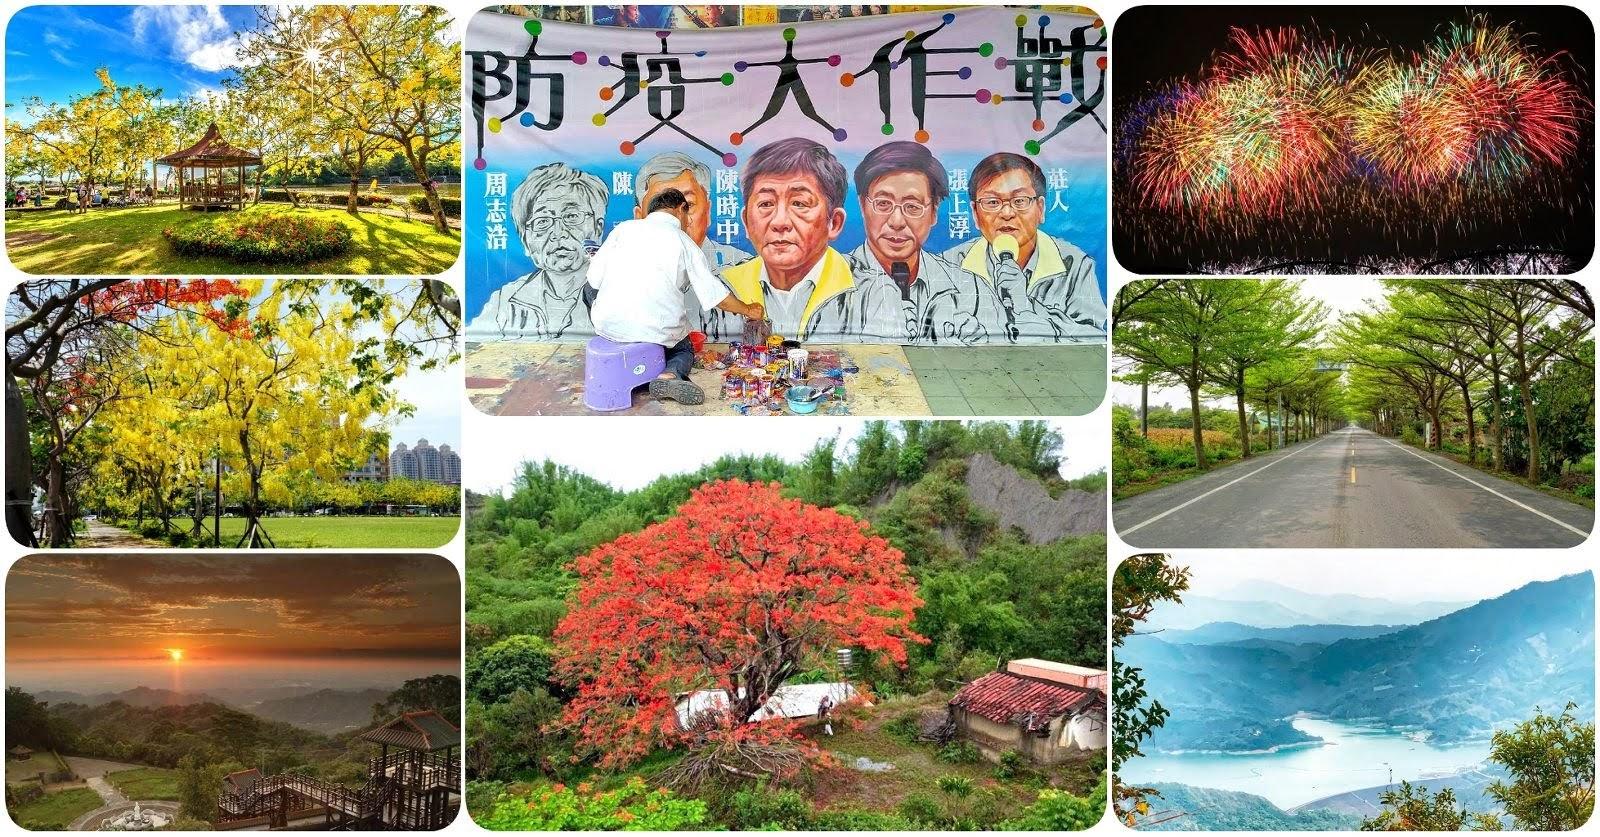 [活動] 2020 5/29-/5/31 台南週末活動整理|本週資訊數:60